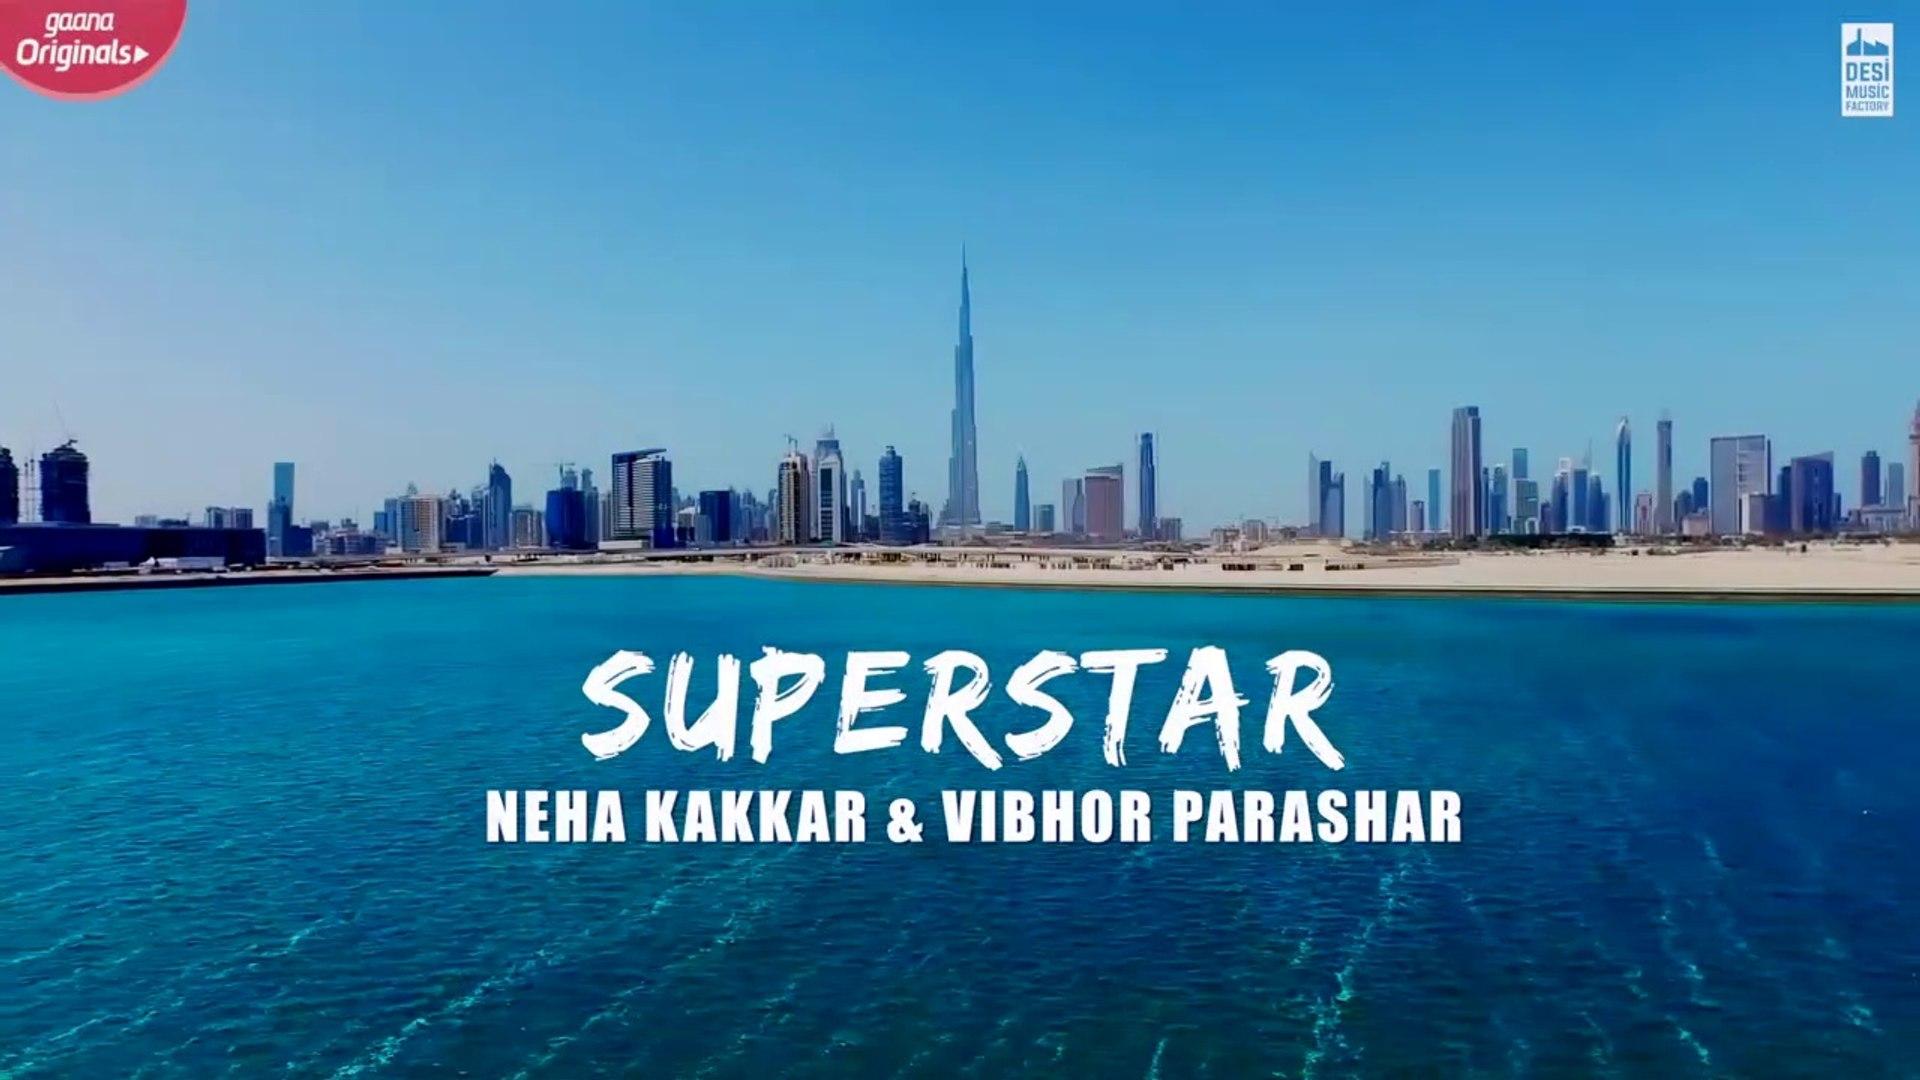 Superstar Riyaz Aly Anushka Sen Neha Kakkar Vibhor Parashar Sarmad Raghav Gaana Dasi Music Factory Video Dailymotion